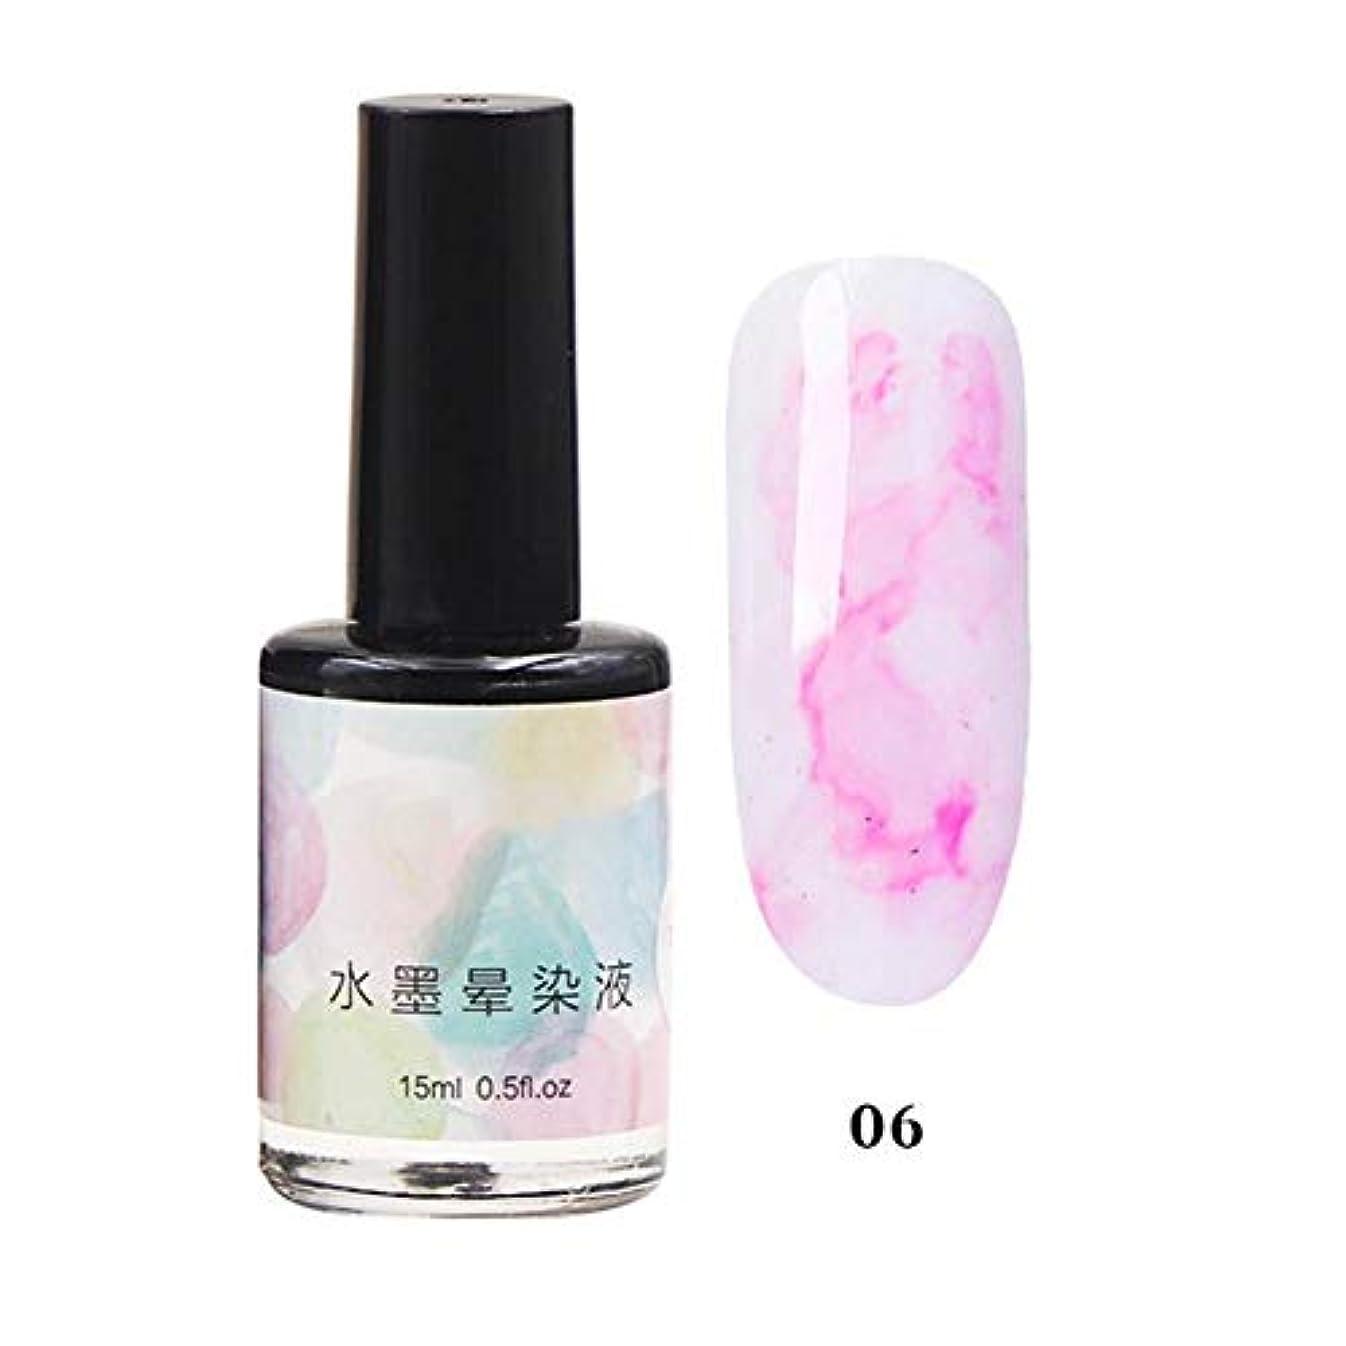 繰り返したアーカイブ恩恵11色選べる ネイルポリッシュ マニキュア ネイルアート 美しい 水墨柄 ネイルカラー 液体 爪に塗って乾かす 初心者でも簡単に使用できる junexi